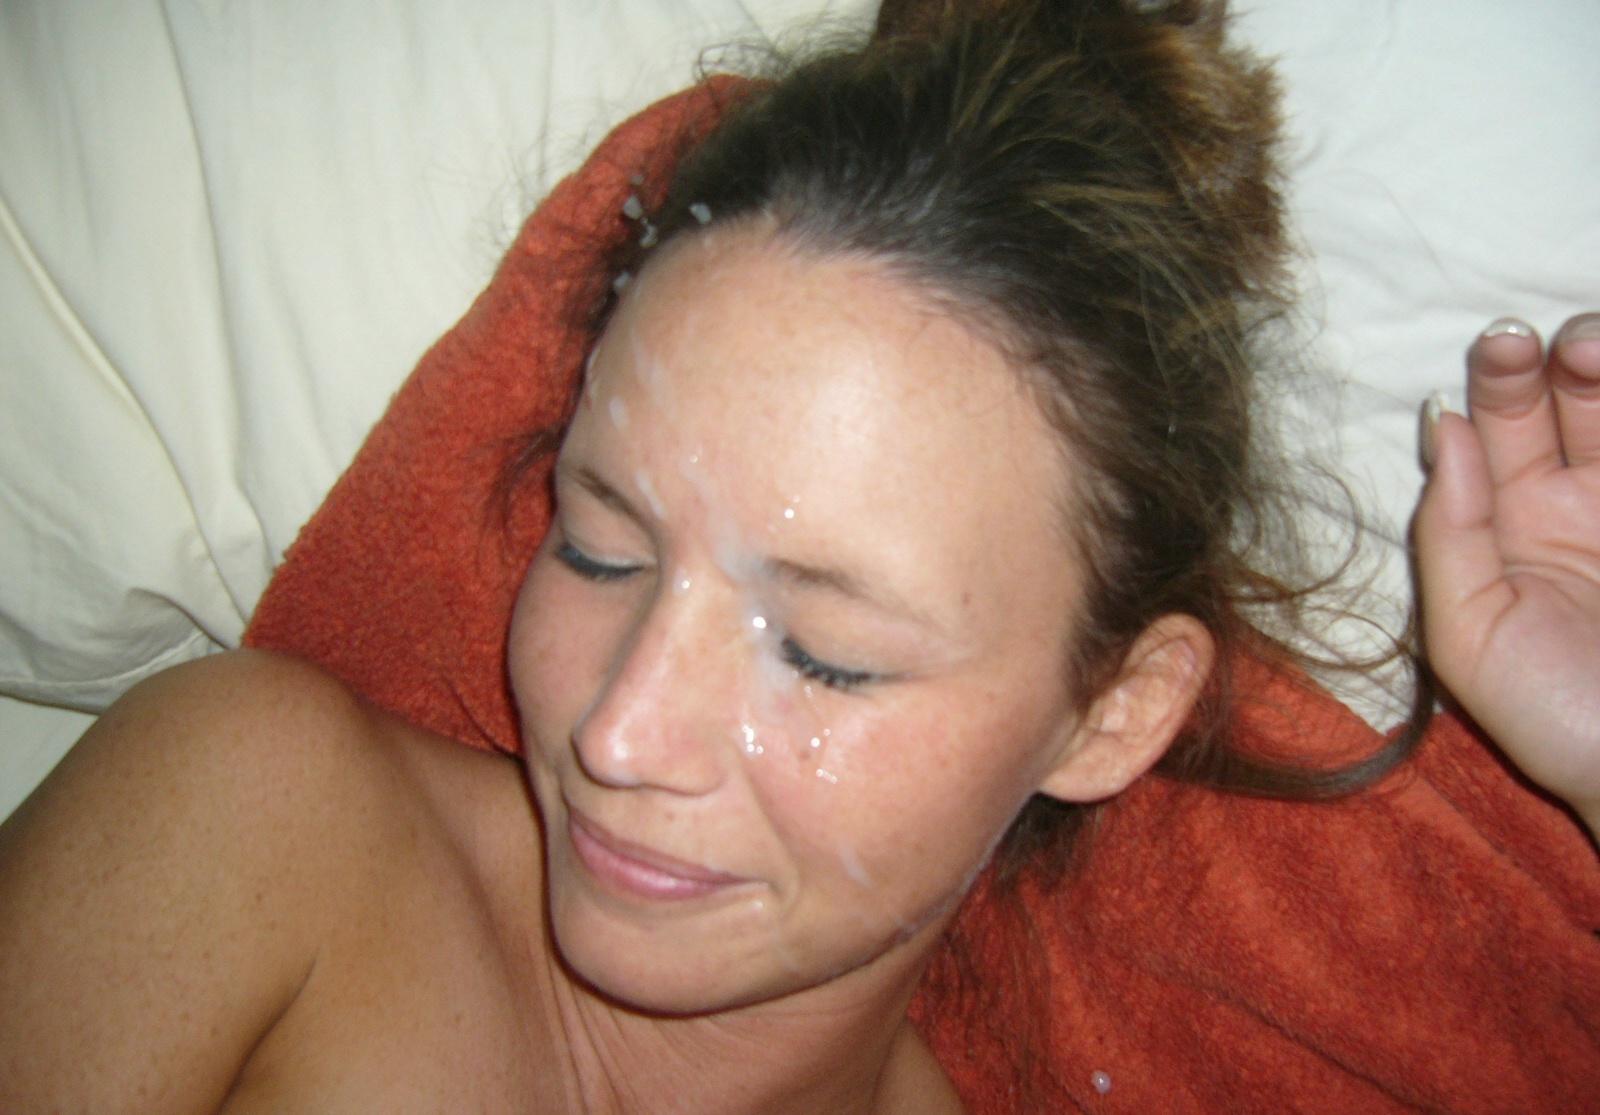 Сперма на волосы фото, Сперма на лице порно фото, девушкам кончают на лицо 3 фотография